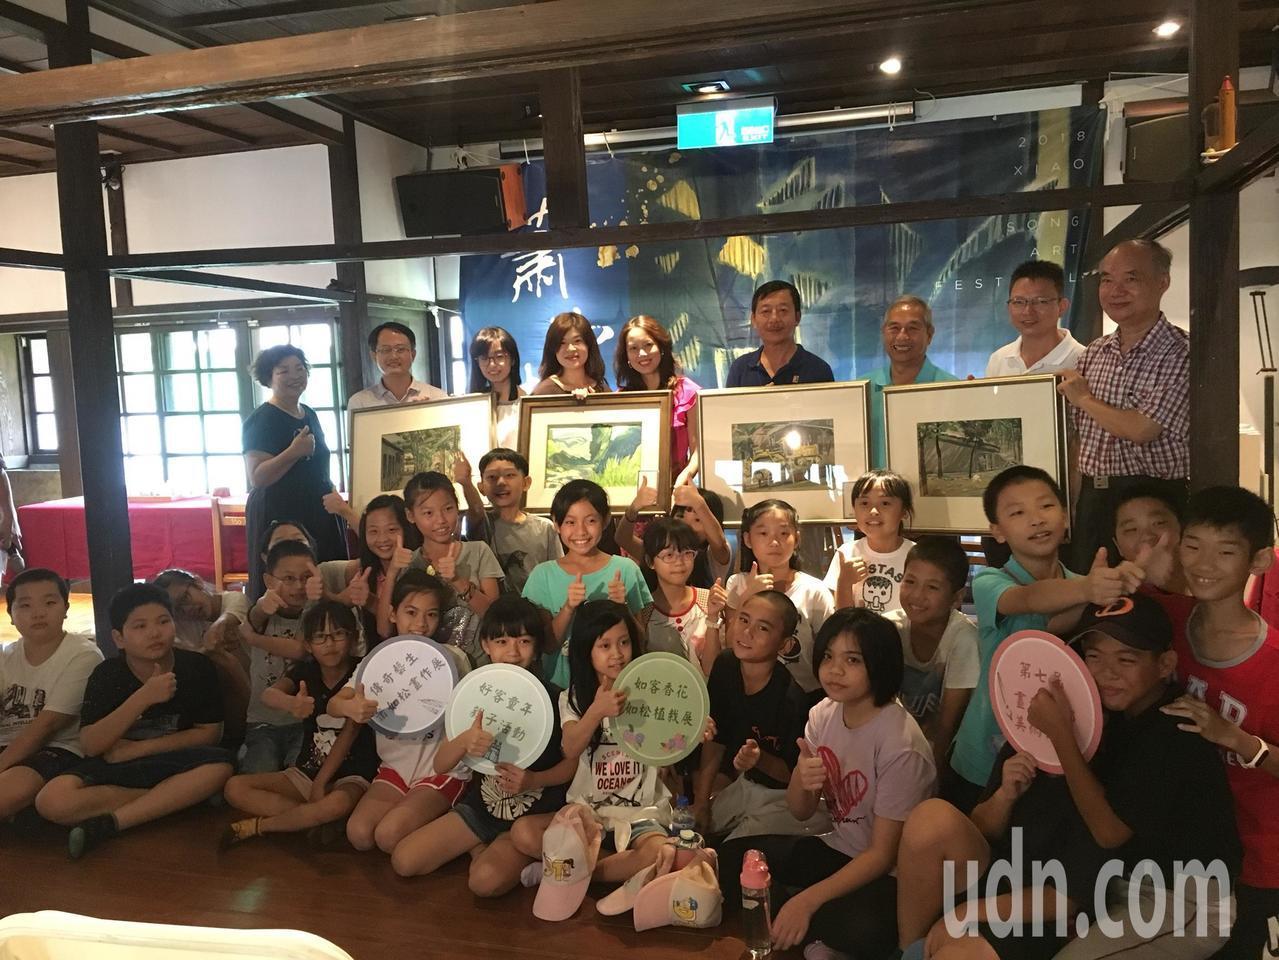 「蕭如松藝術節」開幕活動將在9月8日於蕭如松藝術園區舉行。記者陳斯穎/攝影